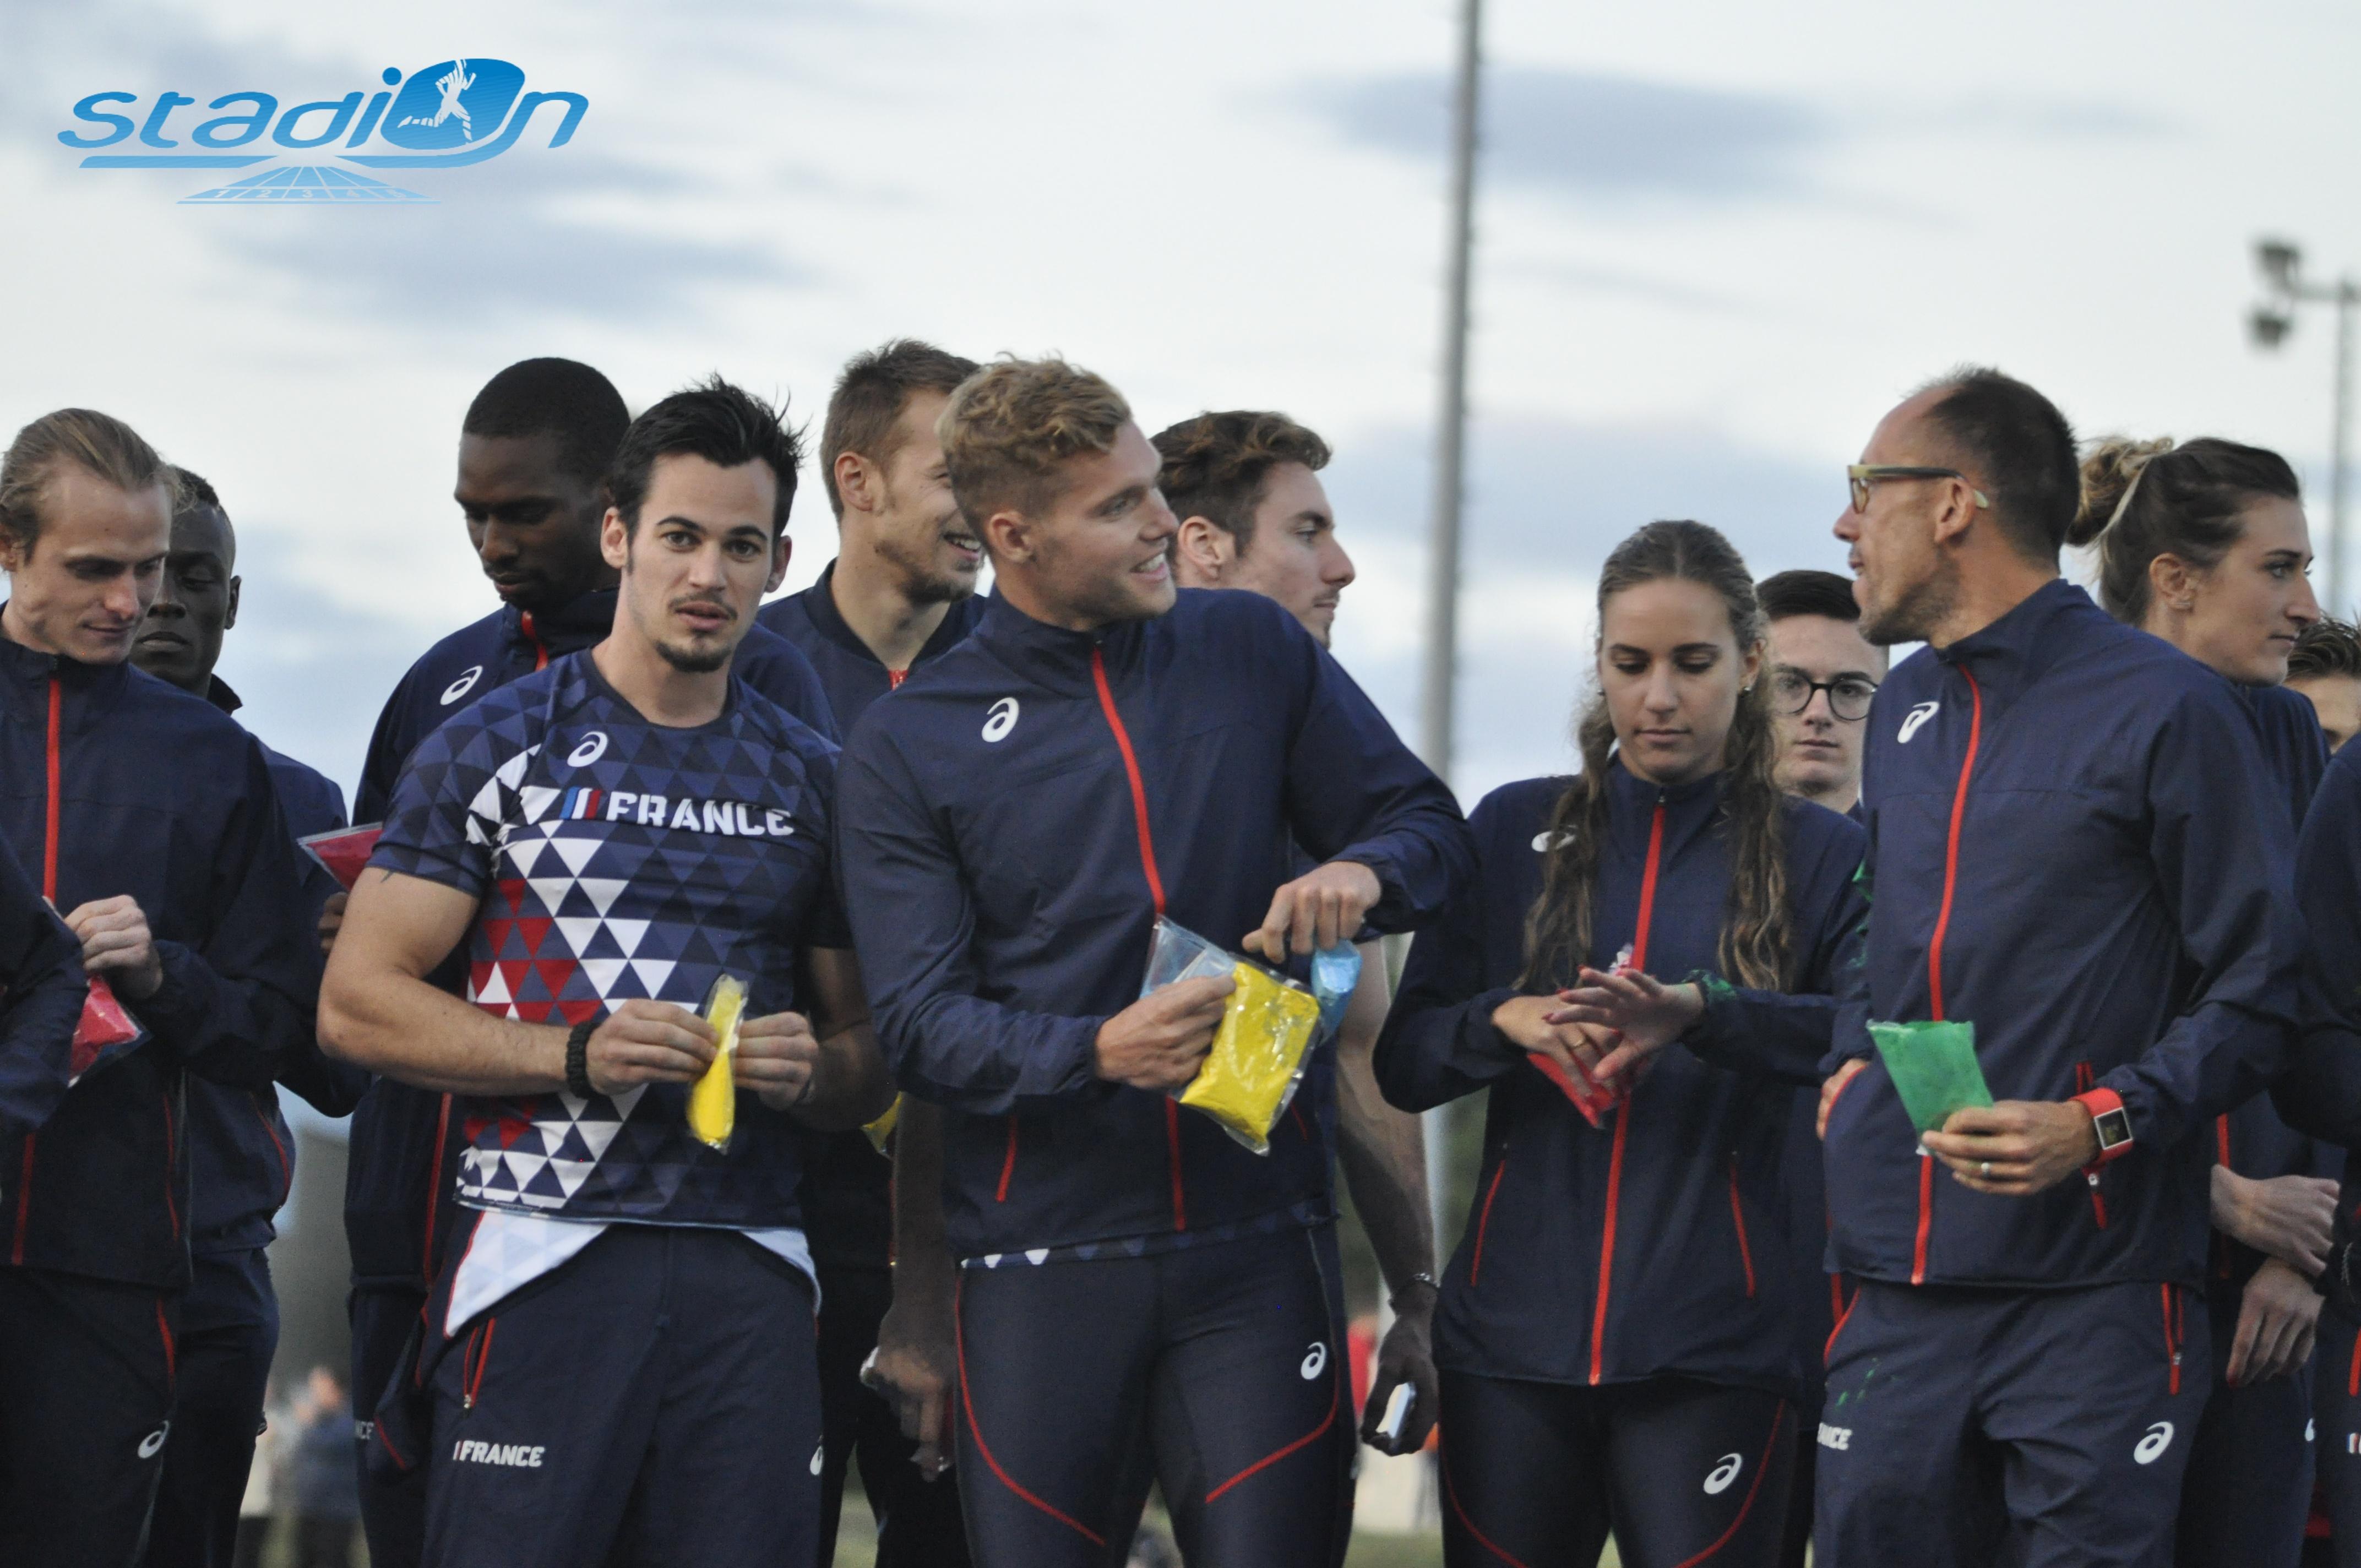 Les athlètes français réagissent à la désignation de Paris pour les Jeux olympiques 2024